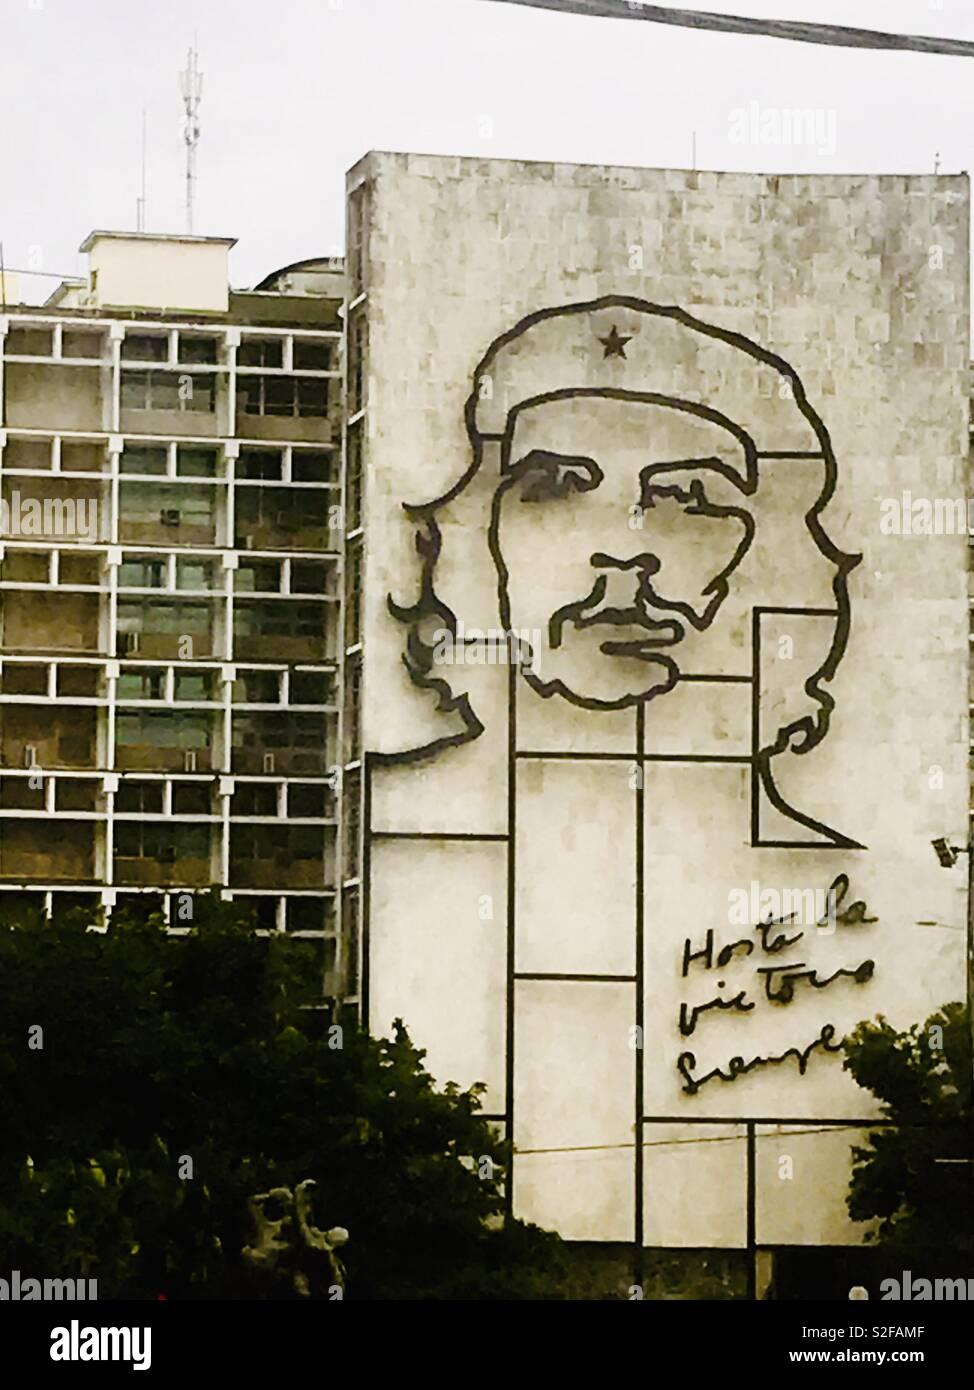 Ernesto Che Guevara cara esbozadas en un edificio, un marxista revolucionario argentino, médico, escritor, líder guerrillero, diplomático y teórico militar. Una figura importante de la Revolución Cubana. Imagen De Stock